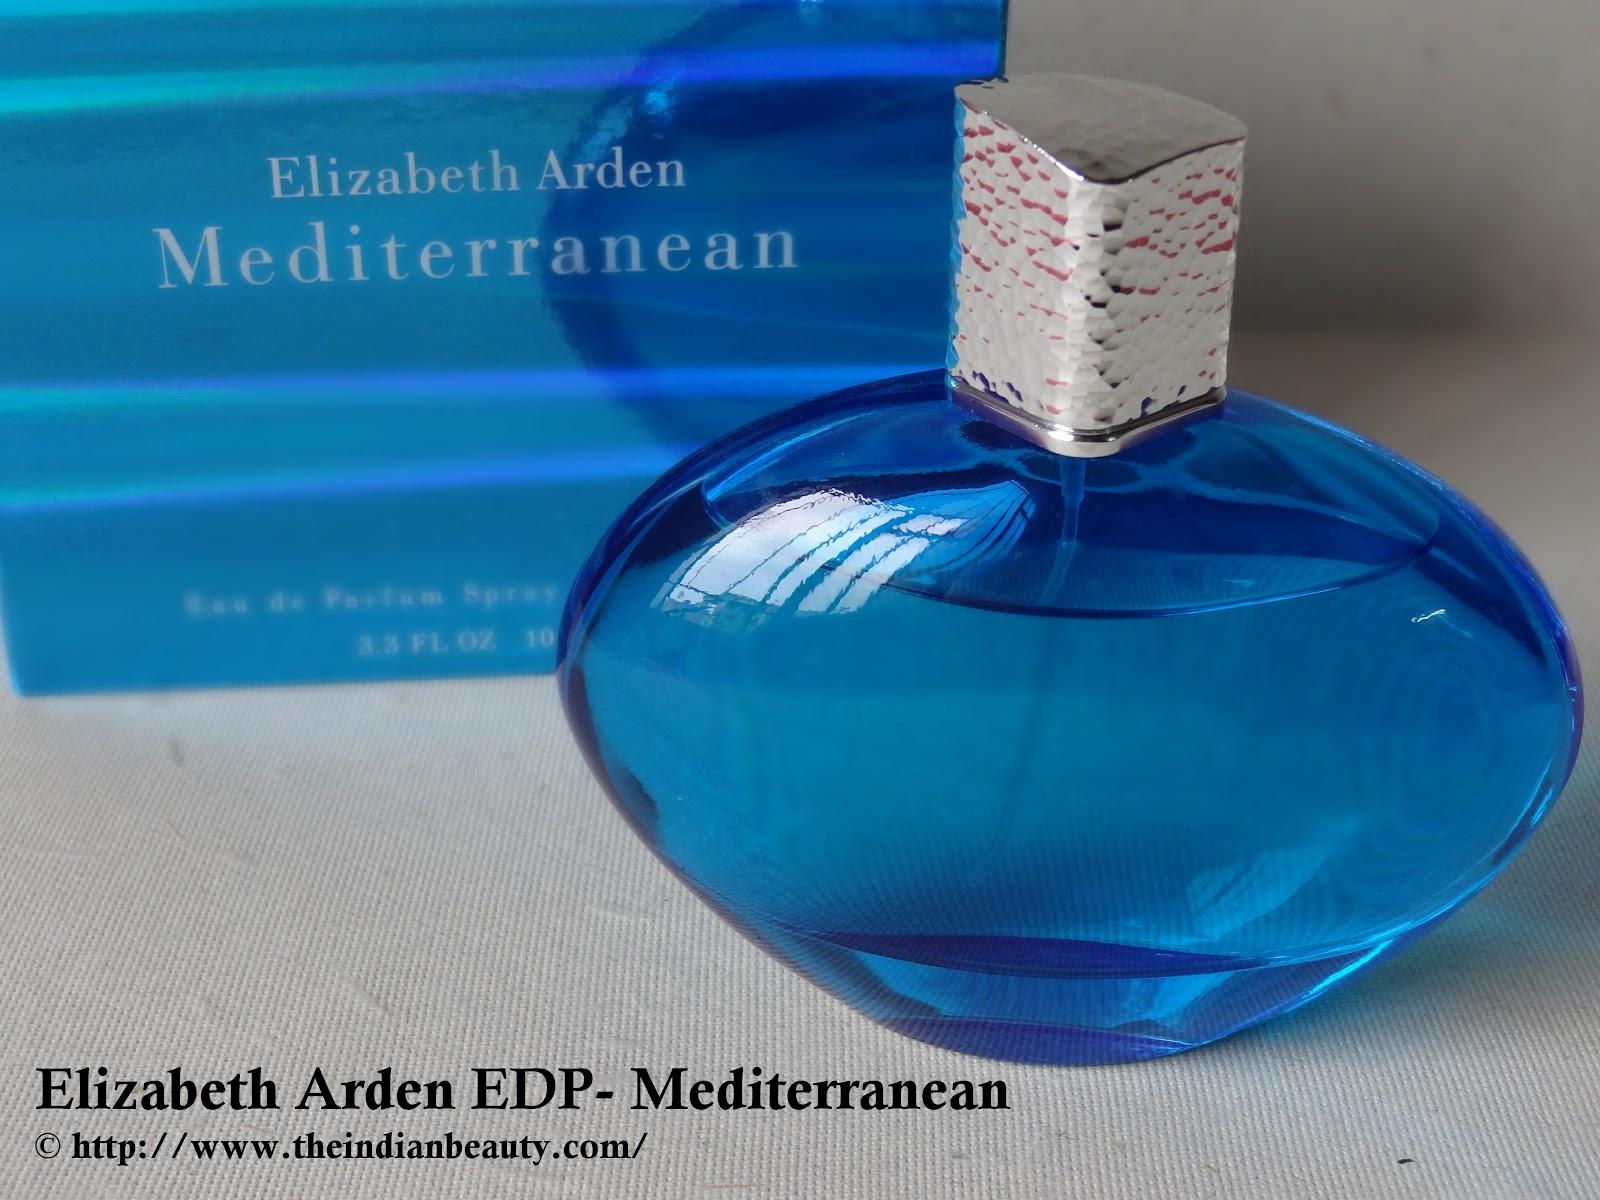 Elizabeth Arden Beauty Perfume 100ml Review